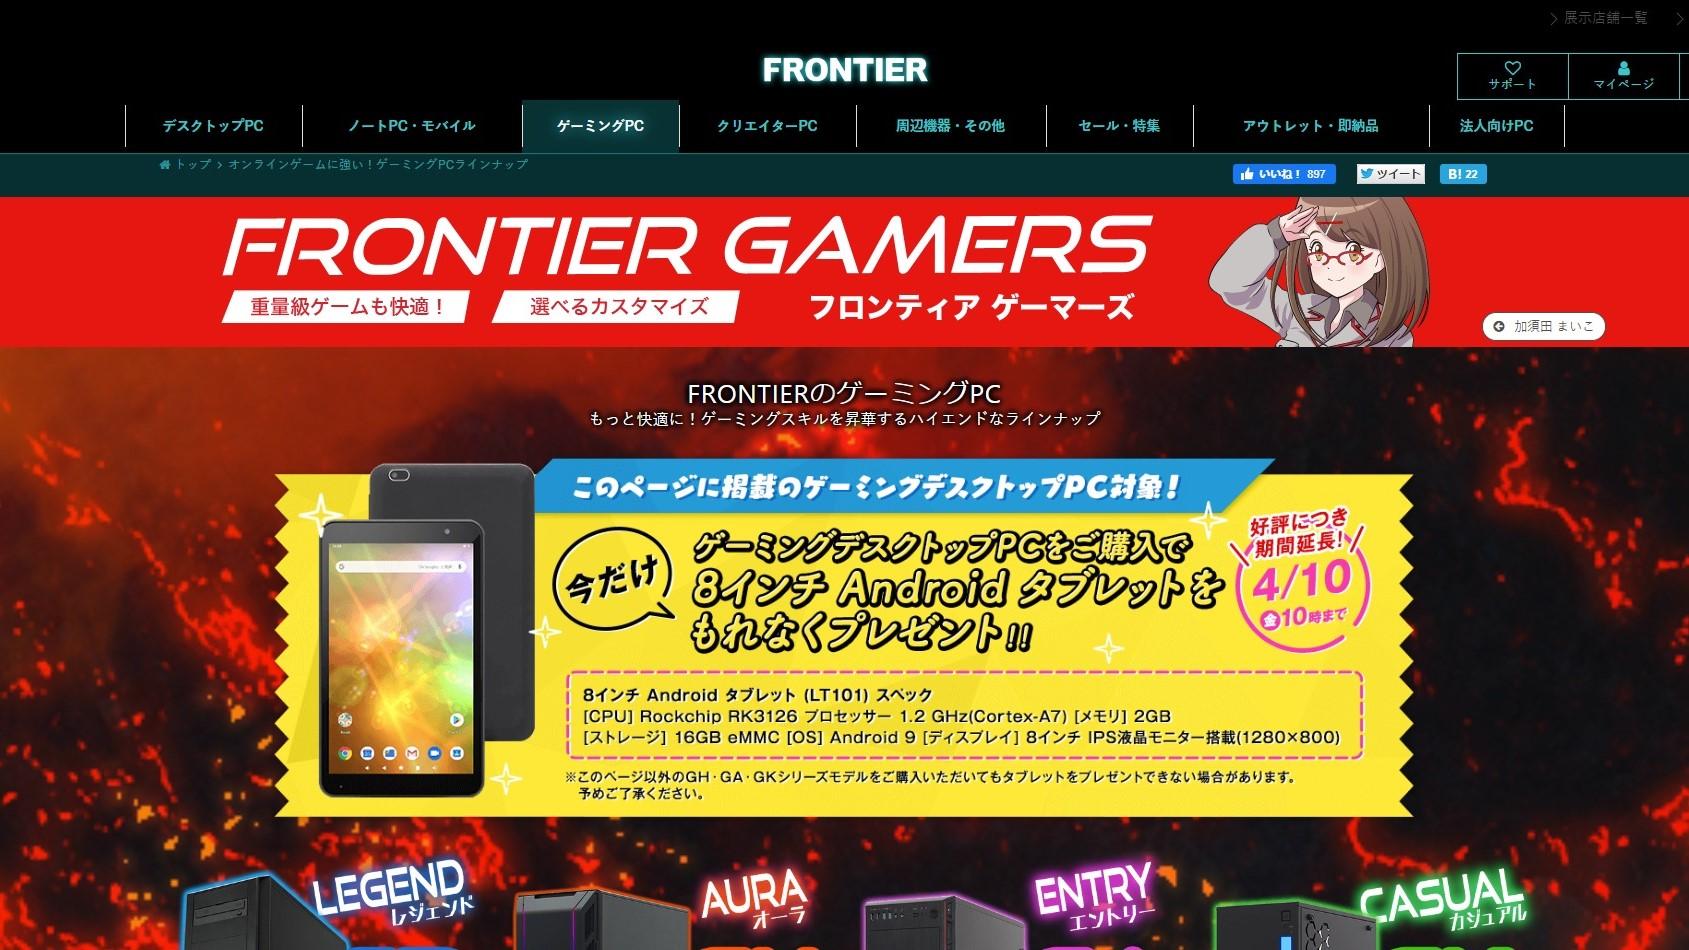 ゲーミングPCおすすめメーカー「FRONTIER」